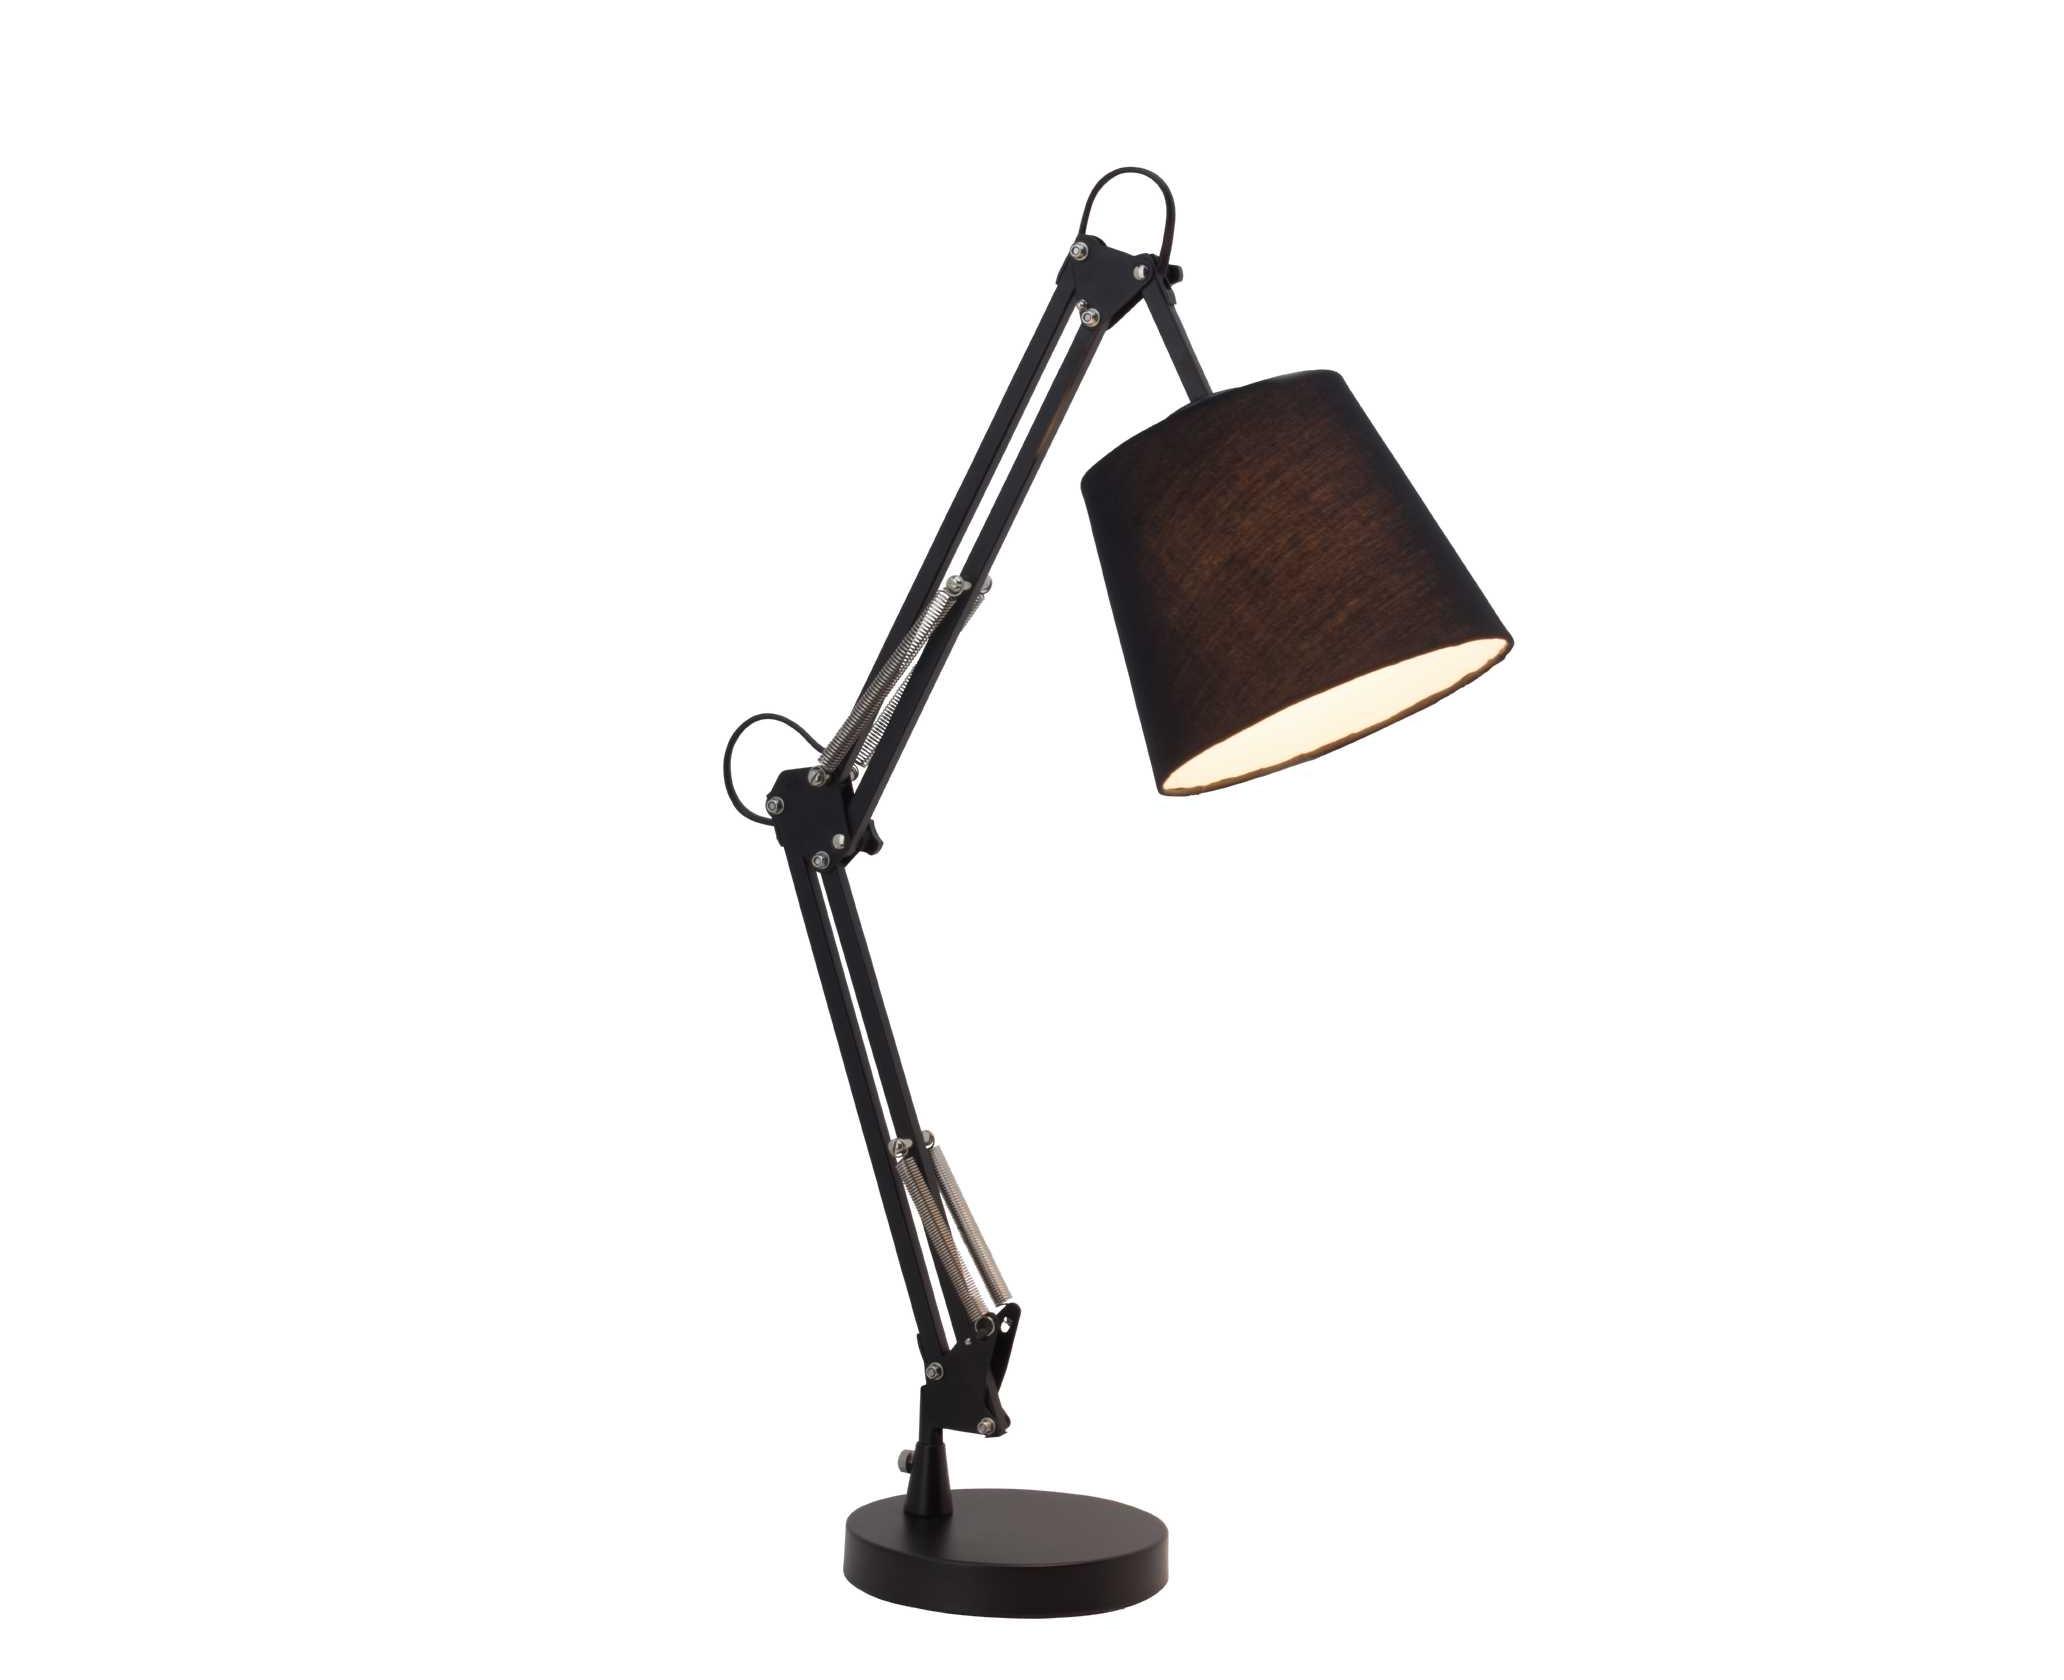 Лампа настольная DublinНастольные лампы<br>&amp;lt;div&amp;gt;&amp;lt;div&amp;gt;Вид цоколя: E27&amp;lt;/div&amp;gt;&amp;lt;div&amp;gt;Мощность: 60W&amp;lt;/div&amp;gt;&amp;lt;div&amp;gt;Количество ламп: 1&amp;lt;/div&amp;gt;&amp;lt;div&amp;gt;Материал: метал/текстиль.&amp;lt;/div&amp;gt;&amp;lt;/div&amp;gt;<br><br>Material: Текстиль<br>Высота см: 66